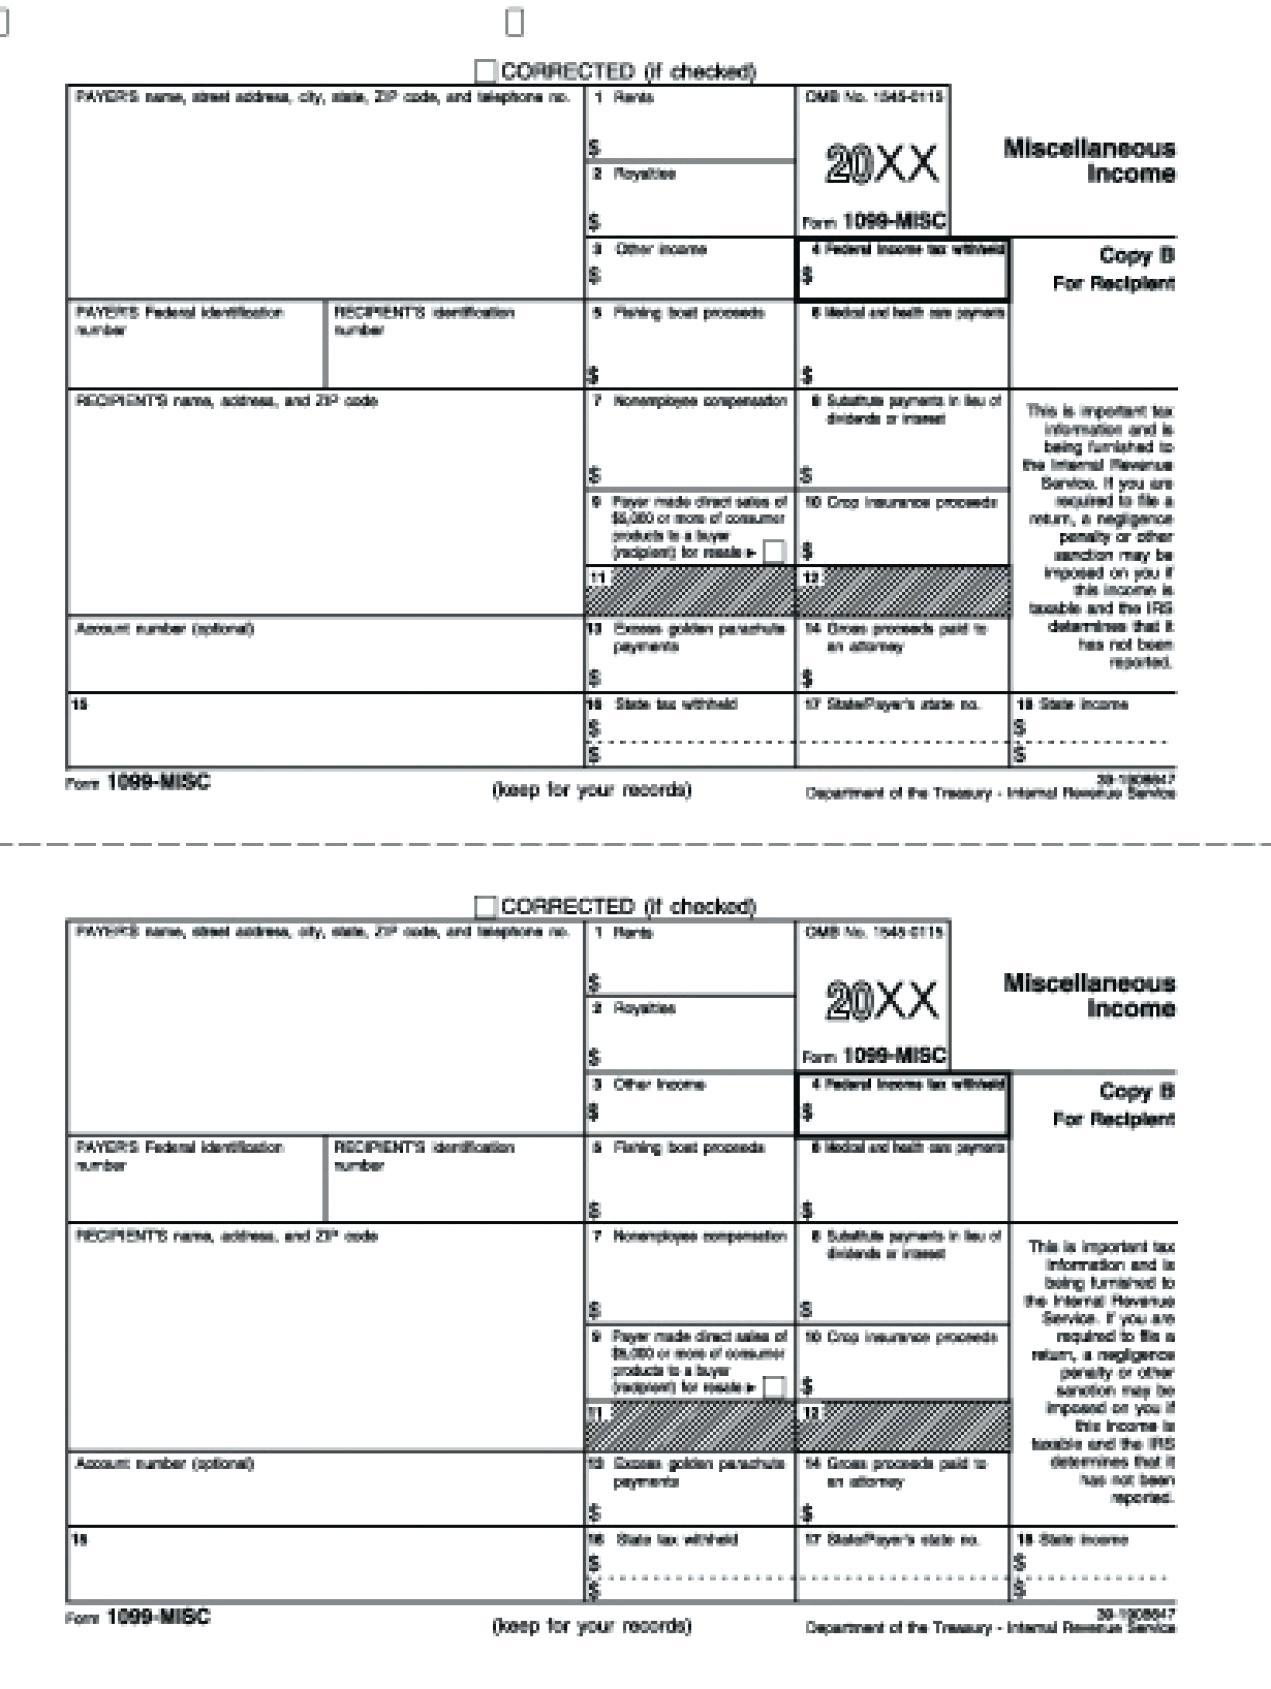 Federal Form 1099 C